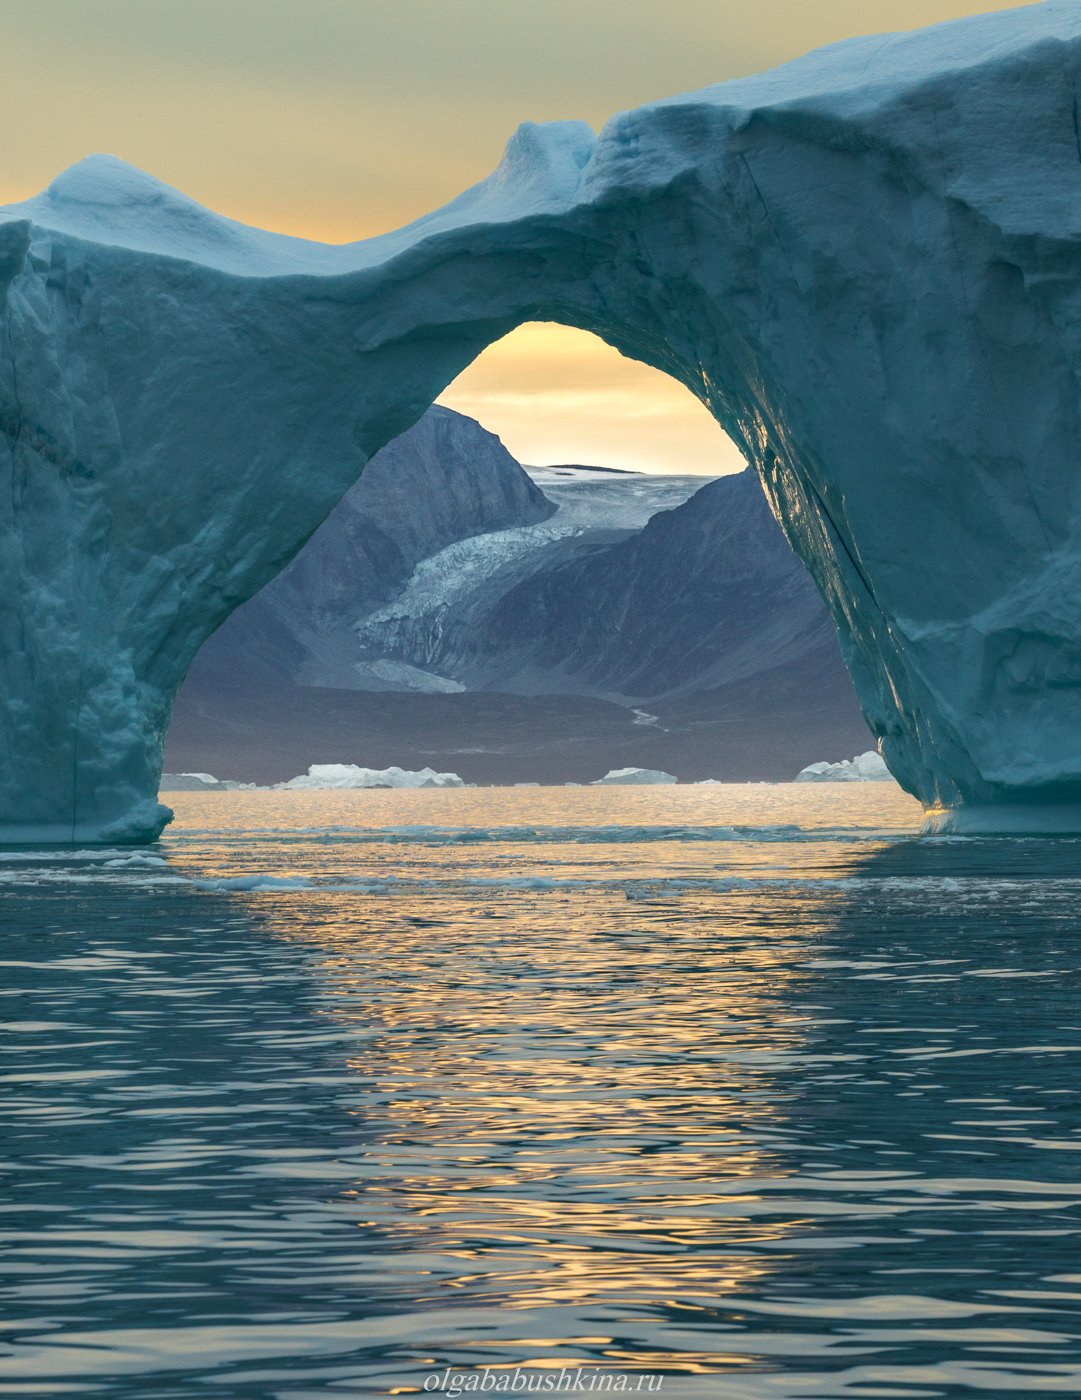 Гренландия, айсберг, ледник, Greenland, iceberg, Бабушкина Ольга